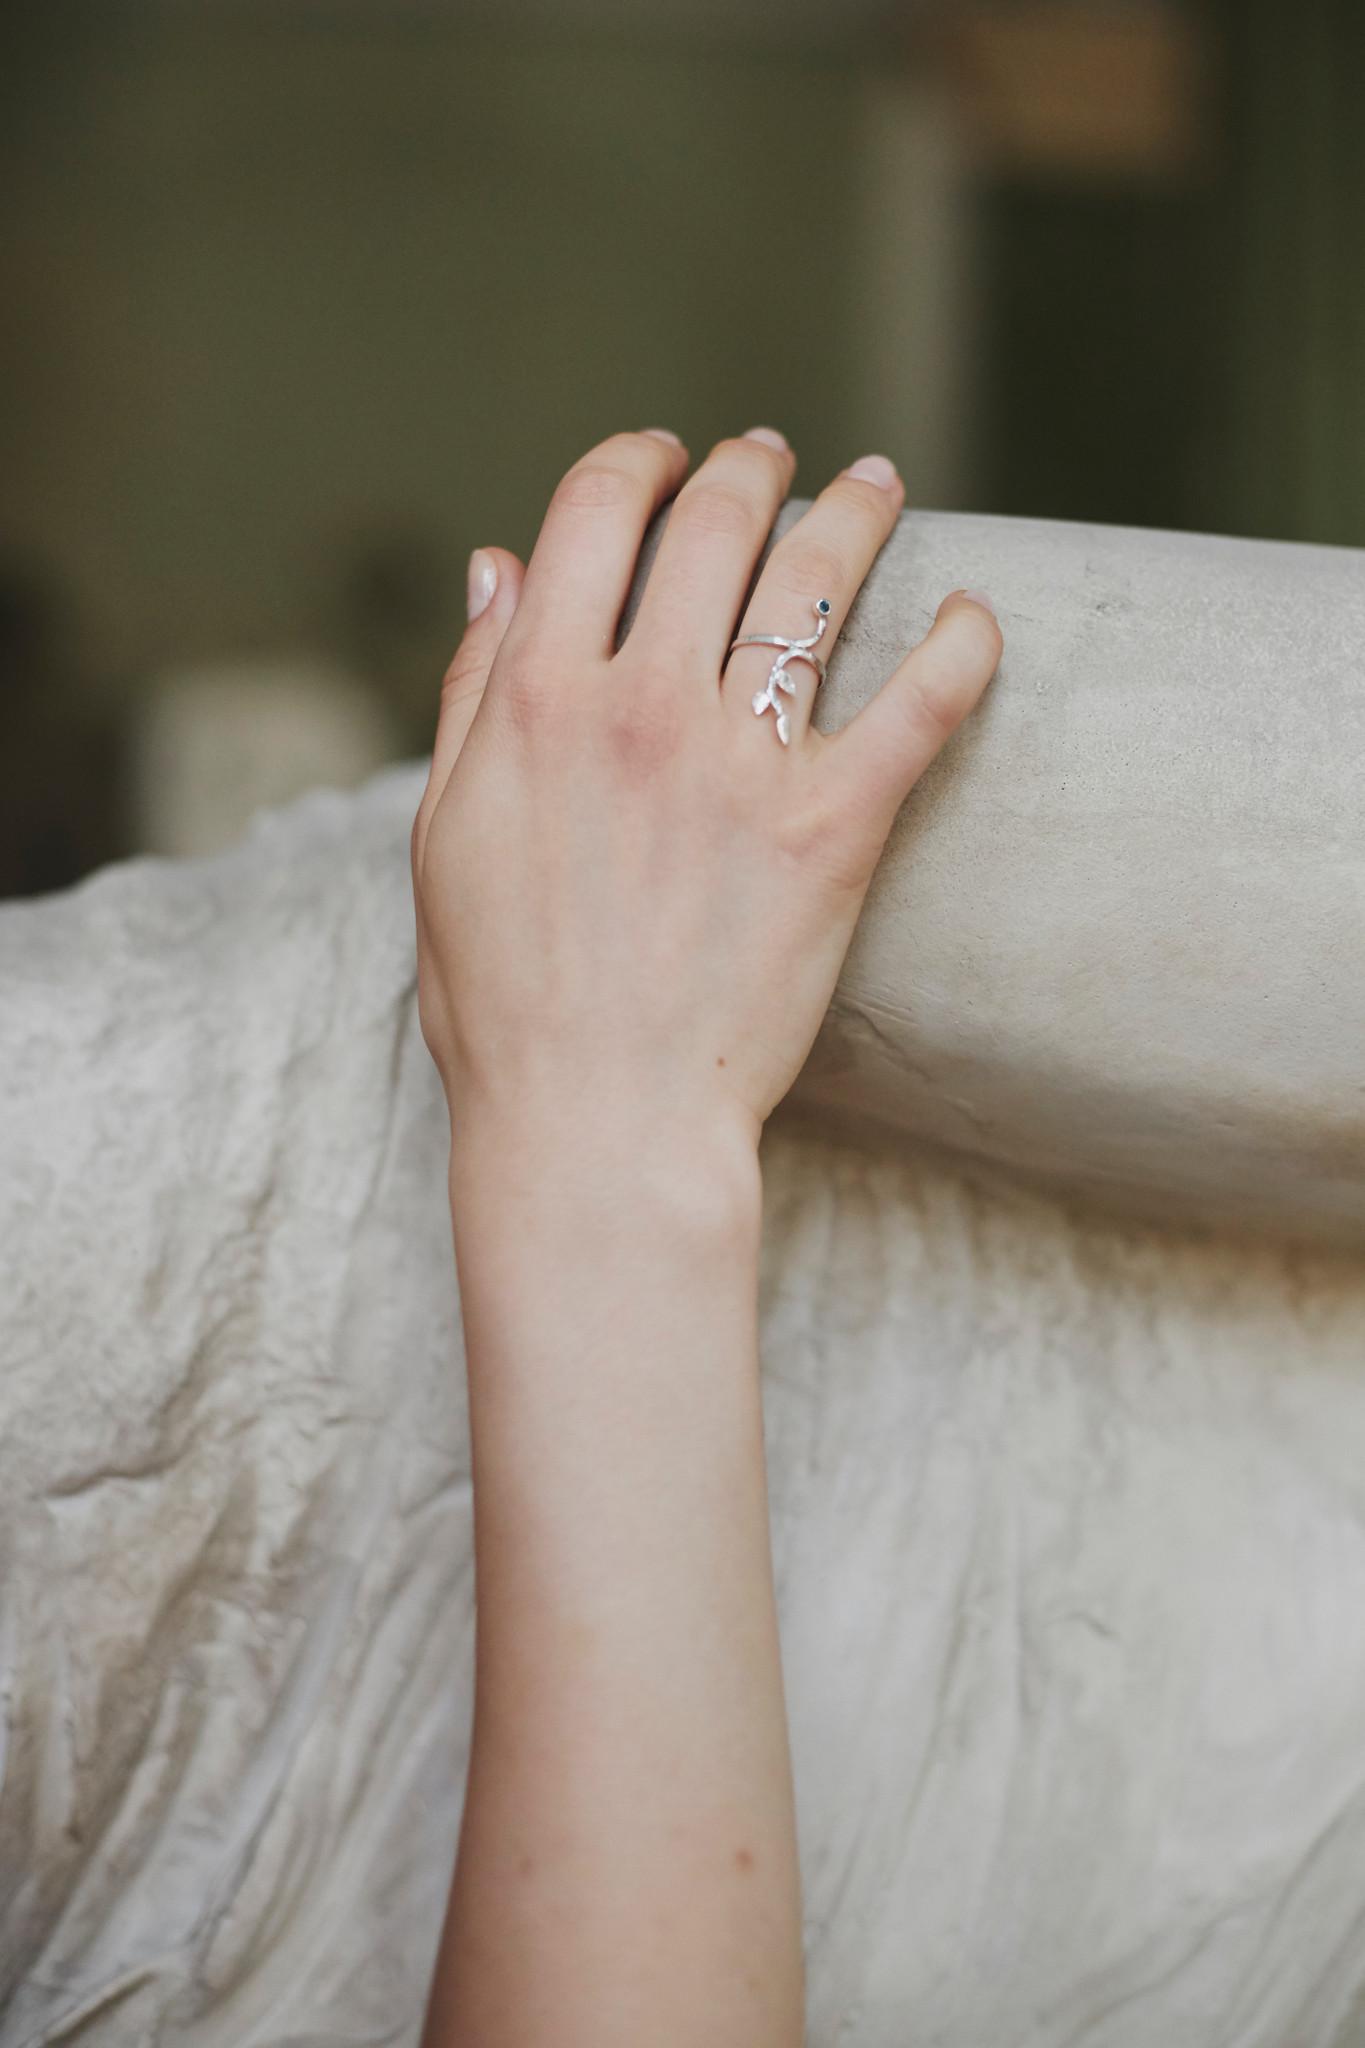 Pamiętacie starożytny mit o Dafne? Dafne była nimfą, której urodą zauroczył się Apollo. Nimfa jednak nie odwzajemniała jego względów, uciekając przed nim zamieniła się w drzewo laurowe. Bardzo zachwyca mnie rzeźba Berniniego ukazująca moment przemiany Dafne, z jej palców wystrzeliwują listki, miękkie i delikatne ciało zmienia się w korę drzewa. Pierścionek jest moją interpretacją tej przemiany, listki noszone na palcu w symboliczny sposób mogą to obrazować. Długi pierścionek jest ręcznie wykonany ze srebra p 0,925 i pozłocony 24k złotem. Długość całkowita ok 2,5 cm, kamień: niebieski szafir 2mm.